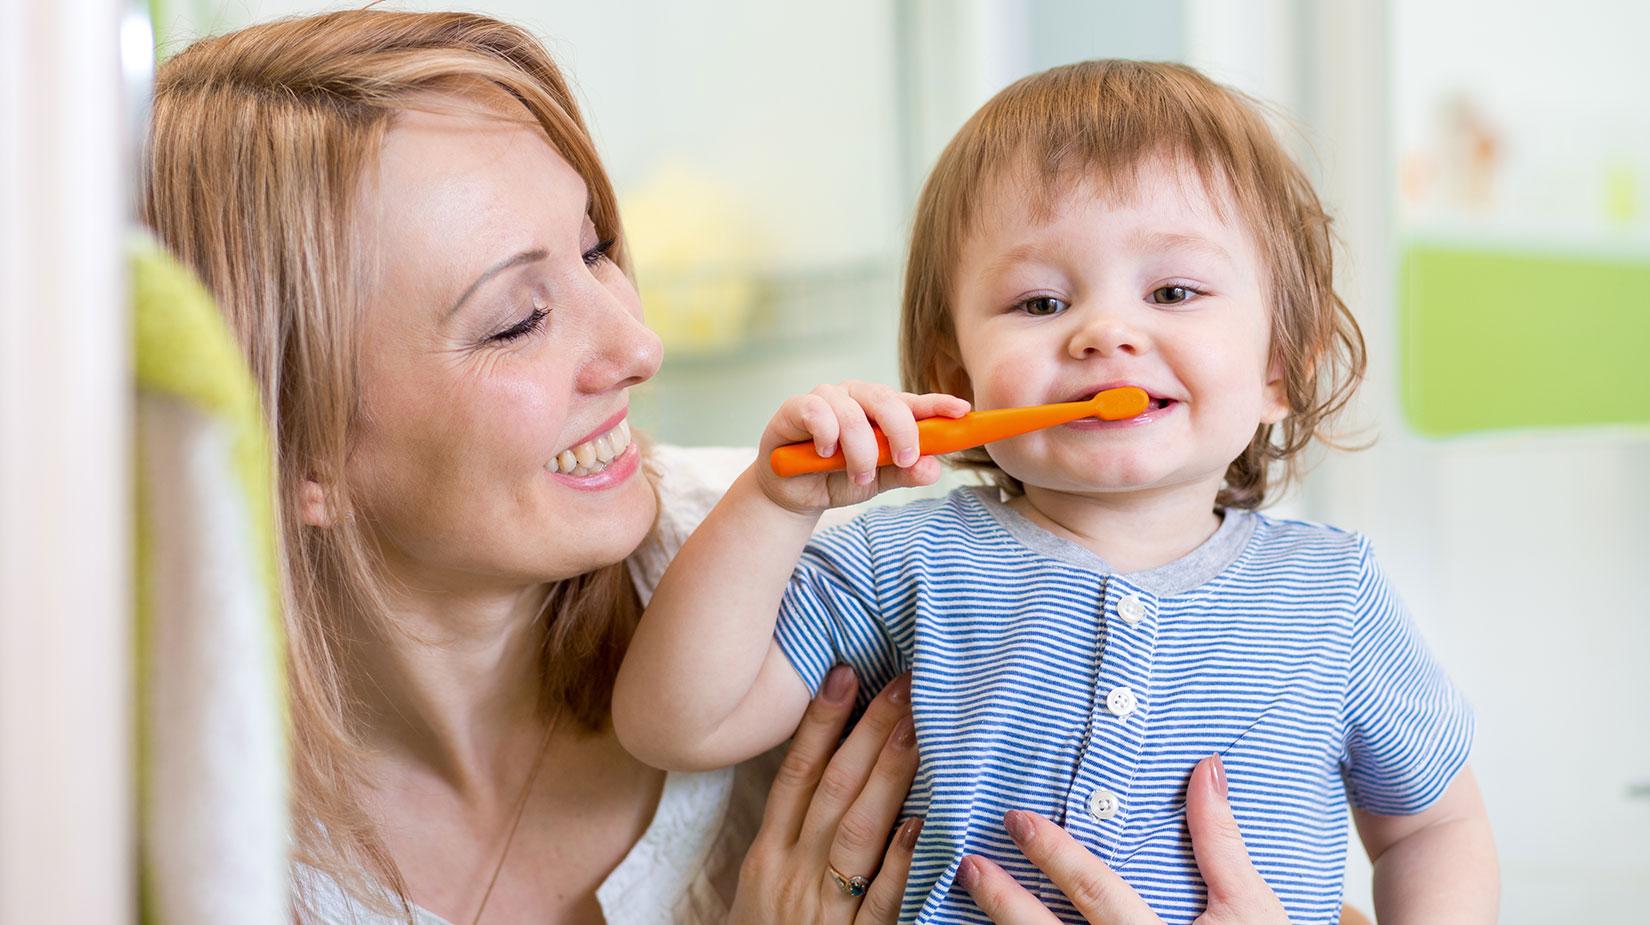 Süt Dişlerinin Yerine Nasılsa Yenisi Gelecek Demeyin